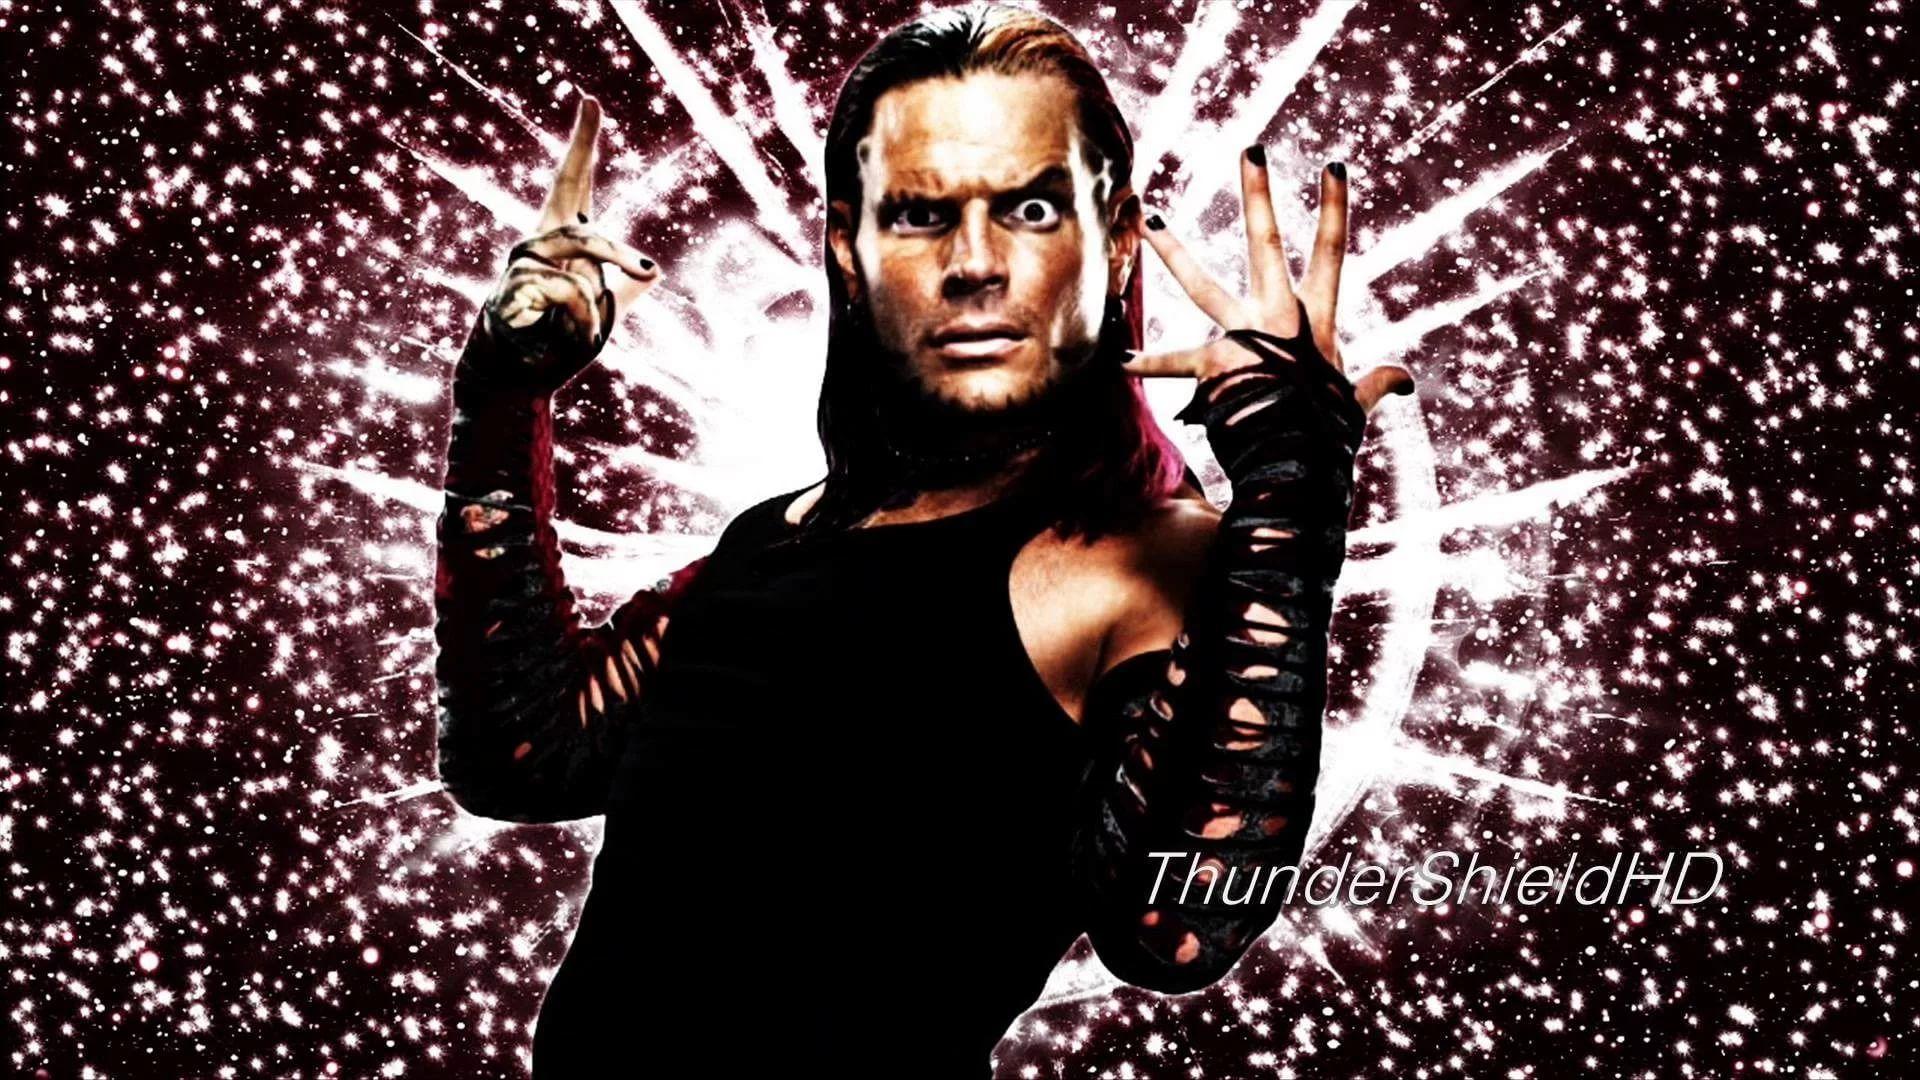 Jeff Hardy 1080p Wallpaper